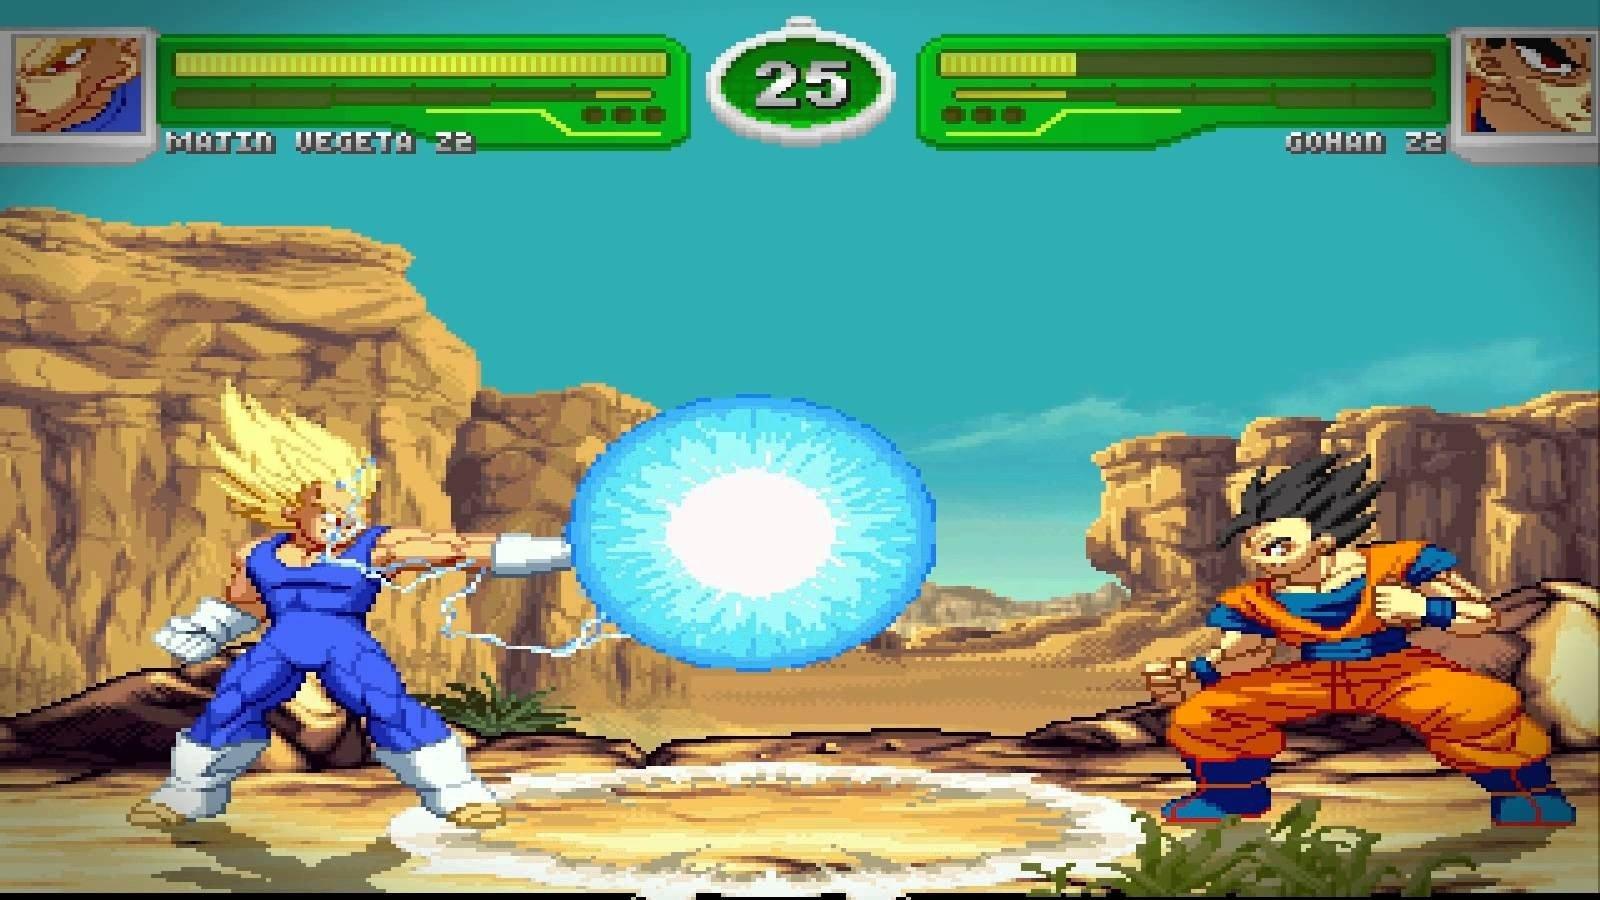 Dragon Ball Z tiene un nuevo juego creado por fans y completamente gratuito